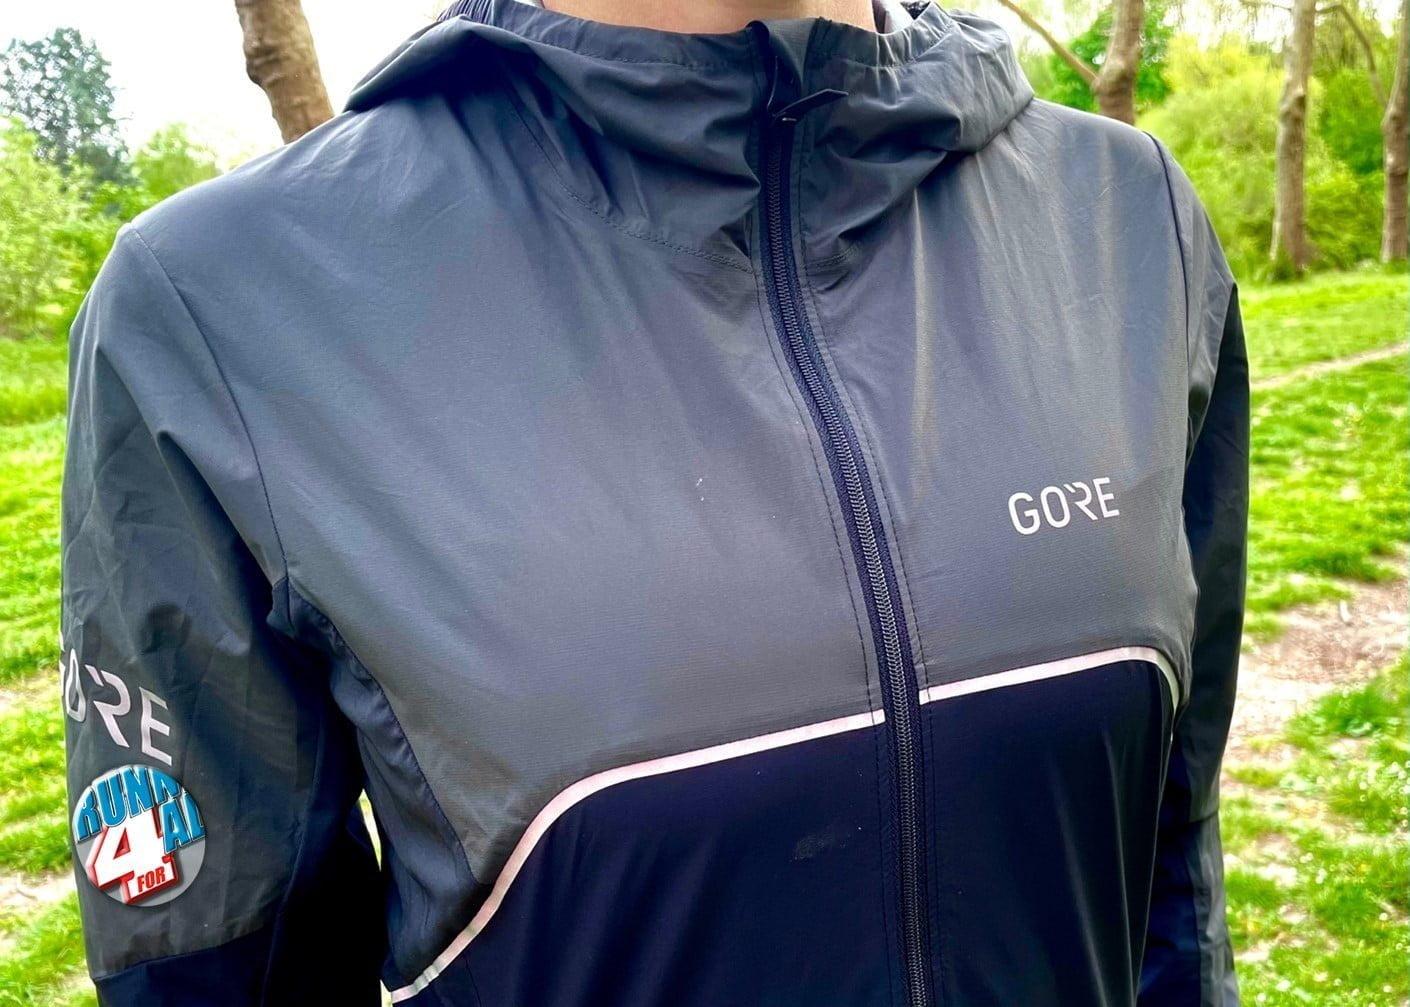 Veste GoreTex R7 11